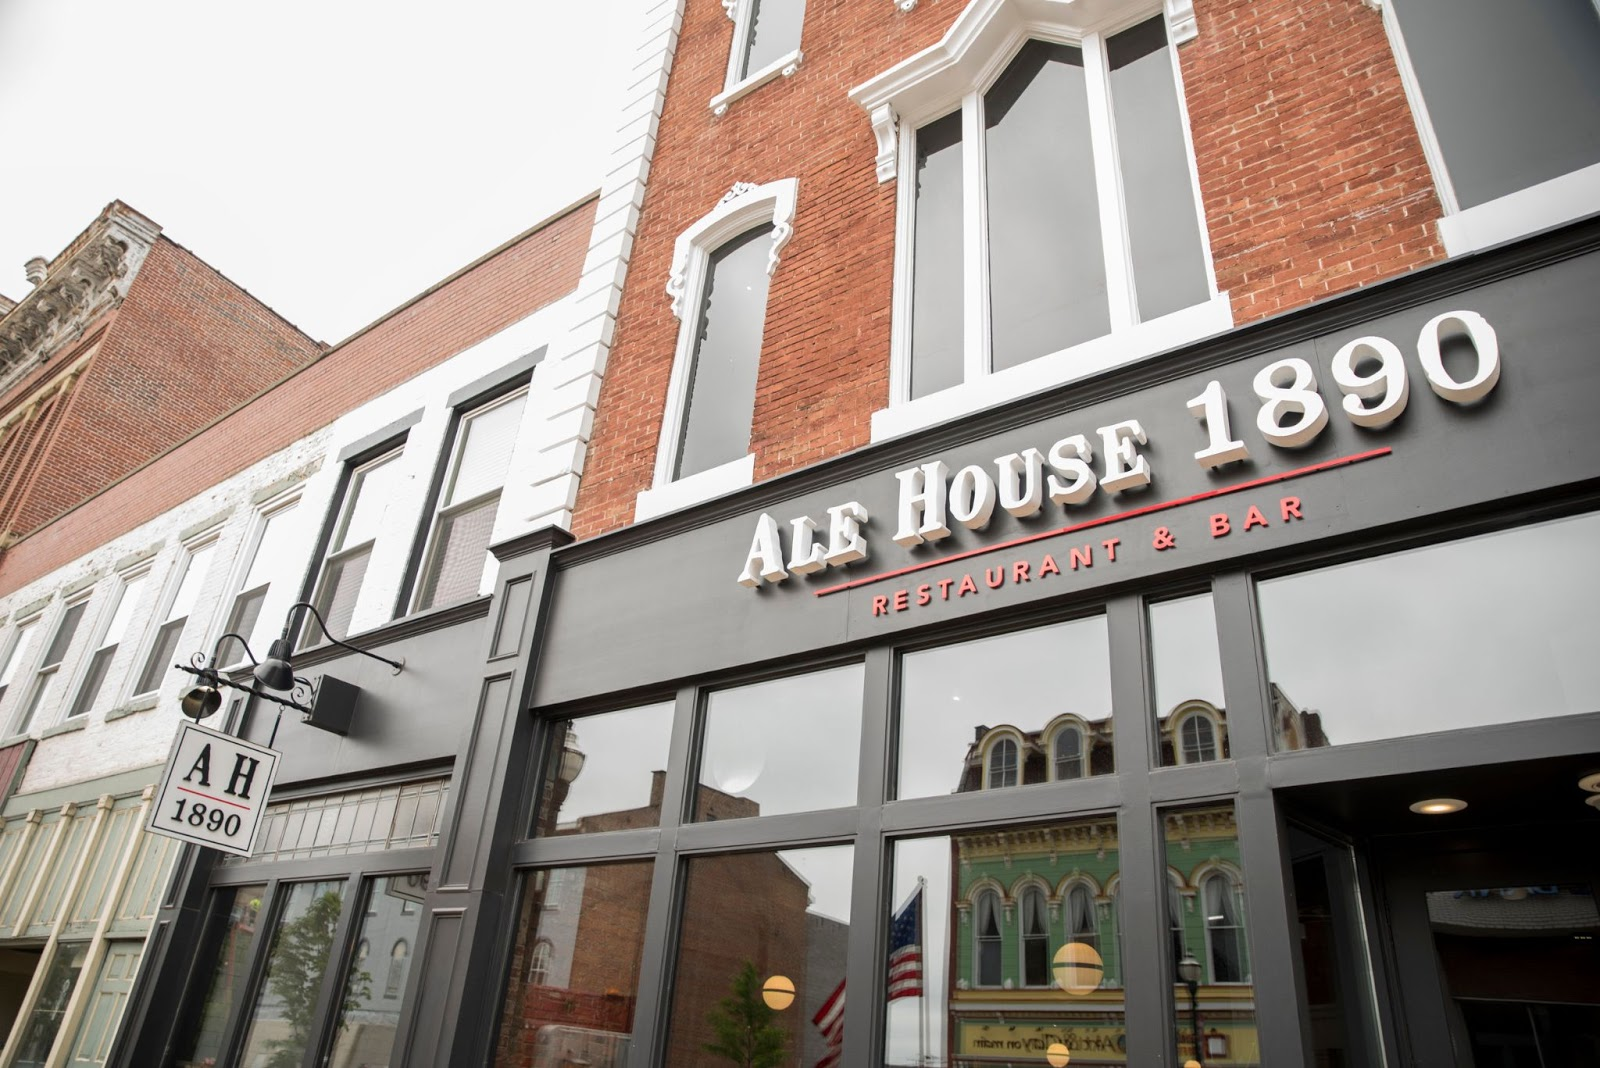 Outside of Ale House 1890.